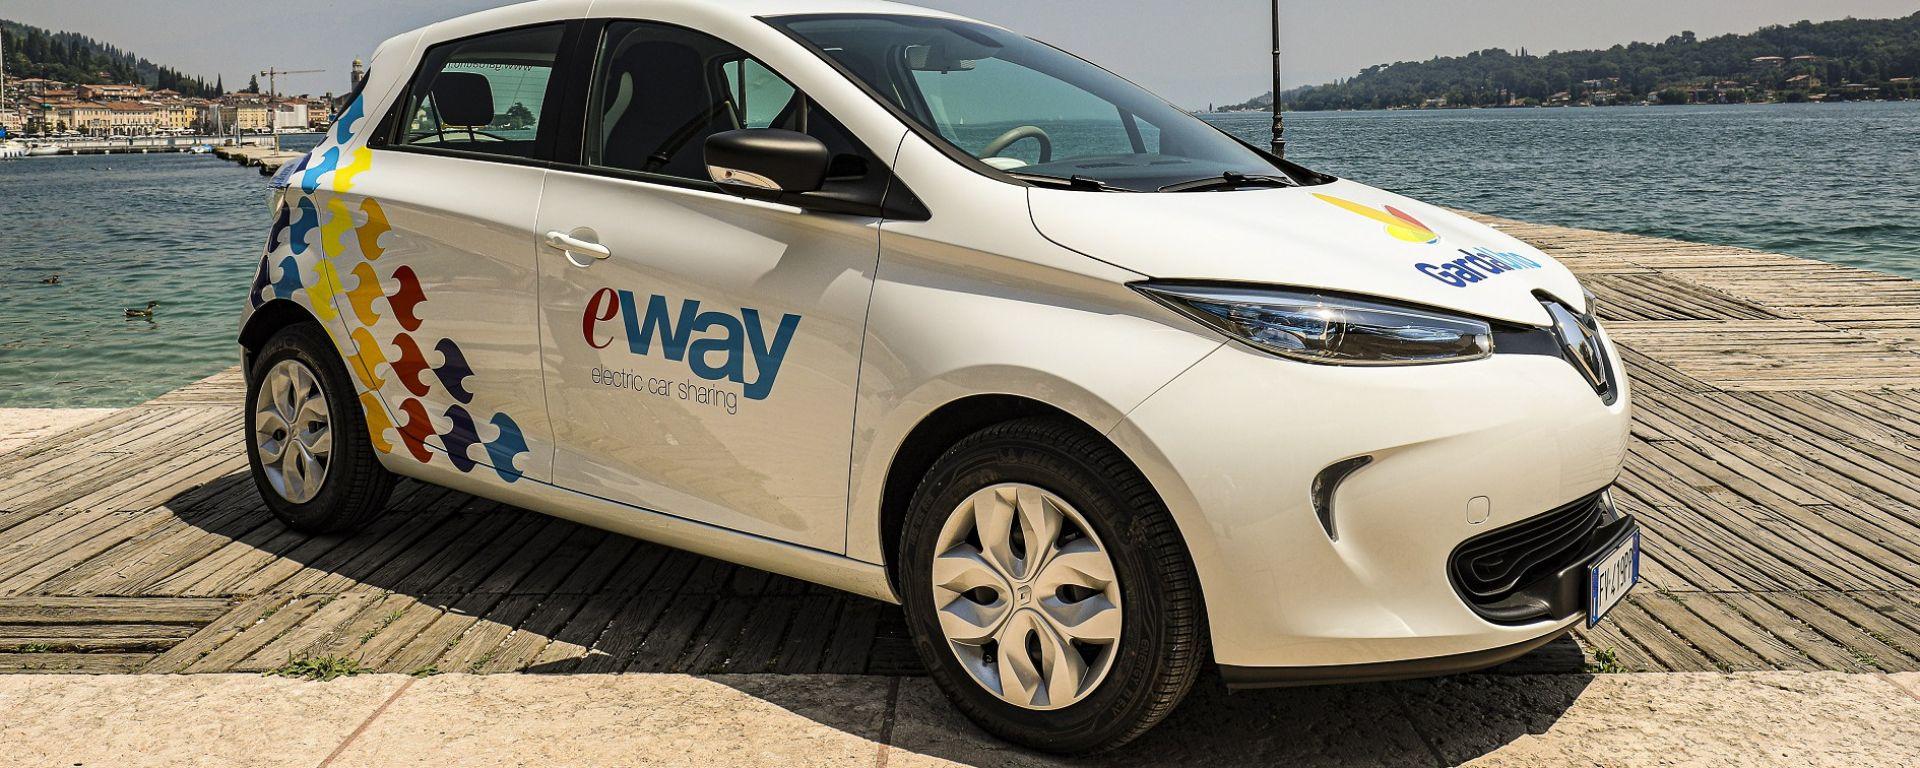 Renault Zoe, l'auto del car sharing elettrico eWay sul Garda